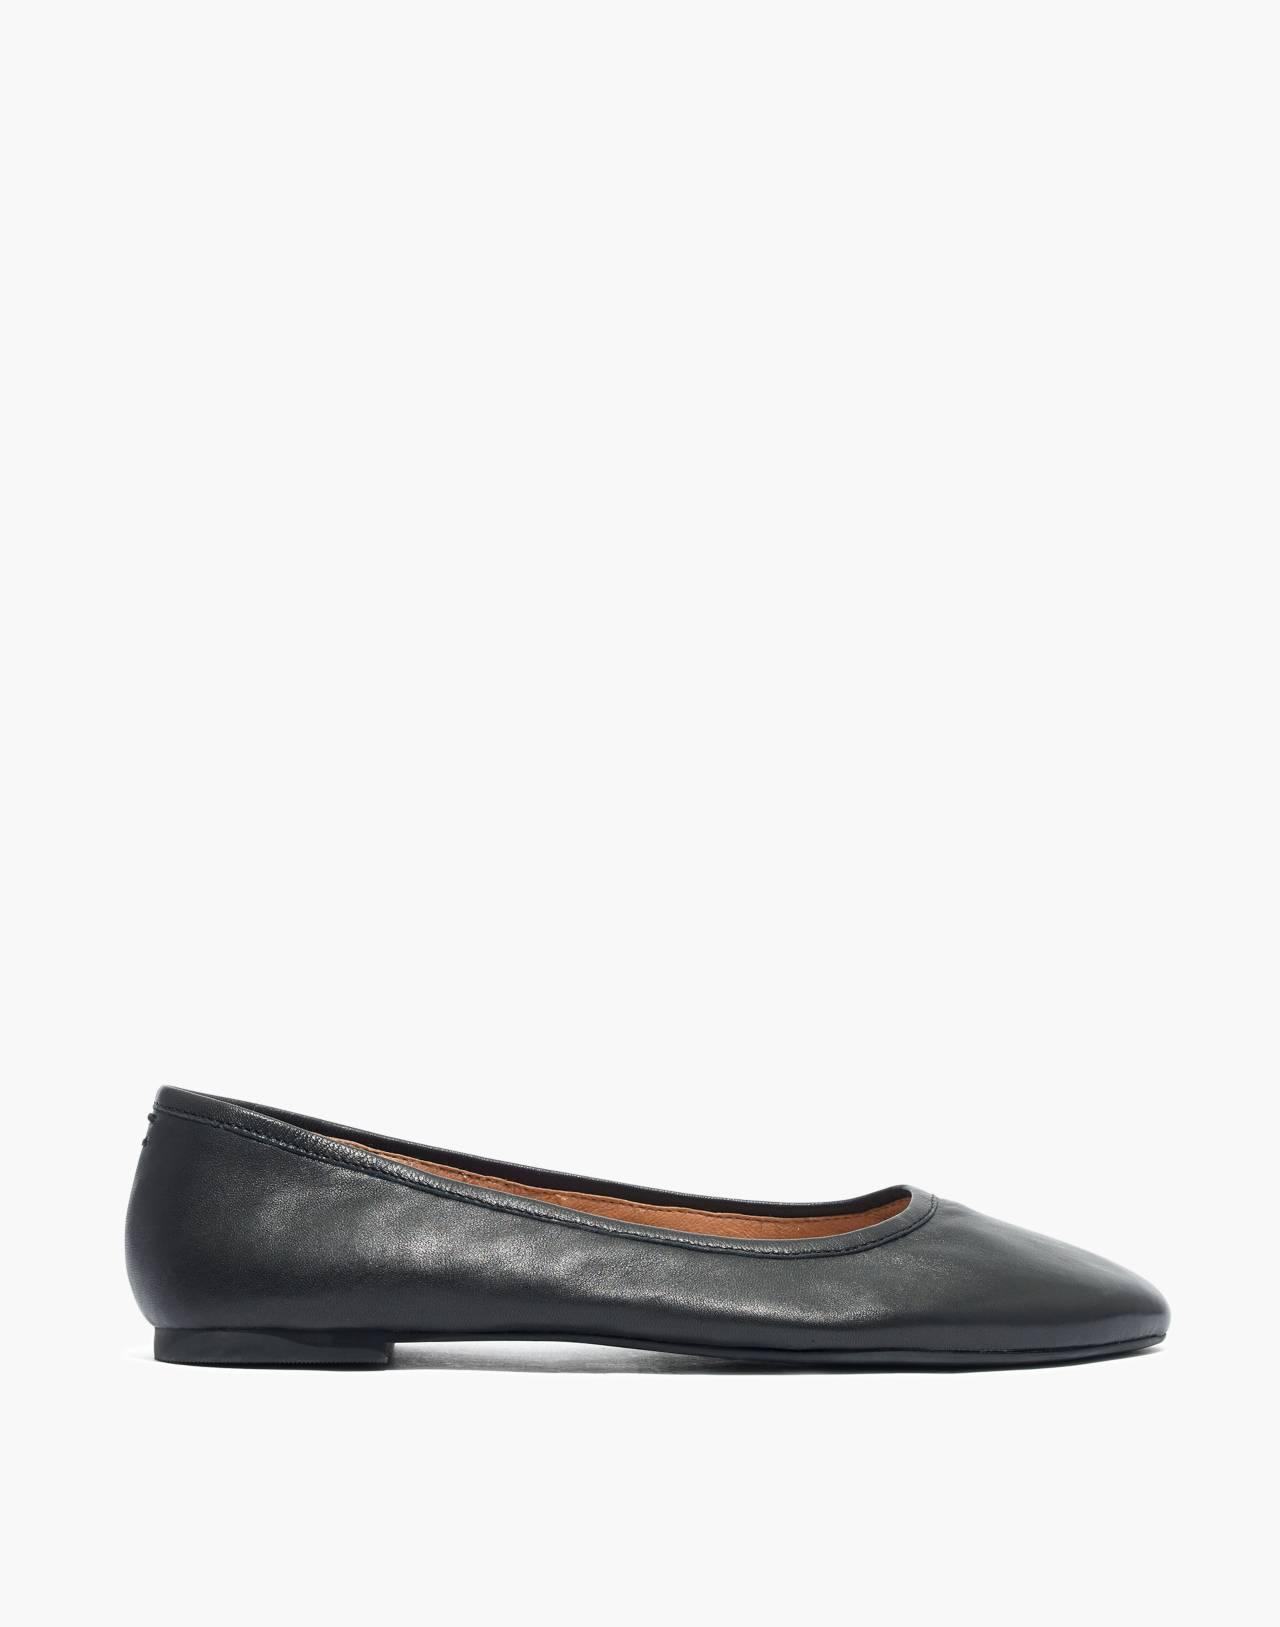 The Reid Ballet Flat in Leather in true black image 3